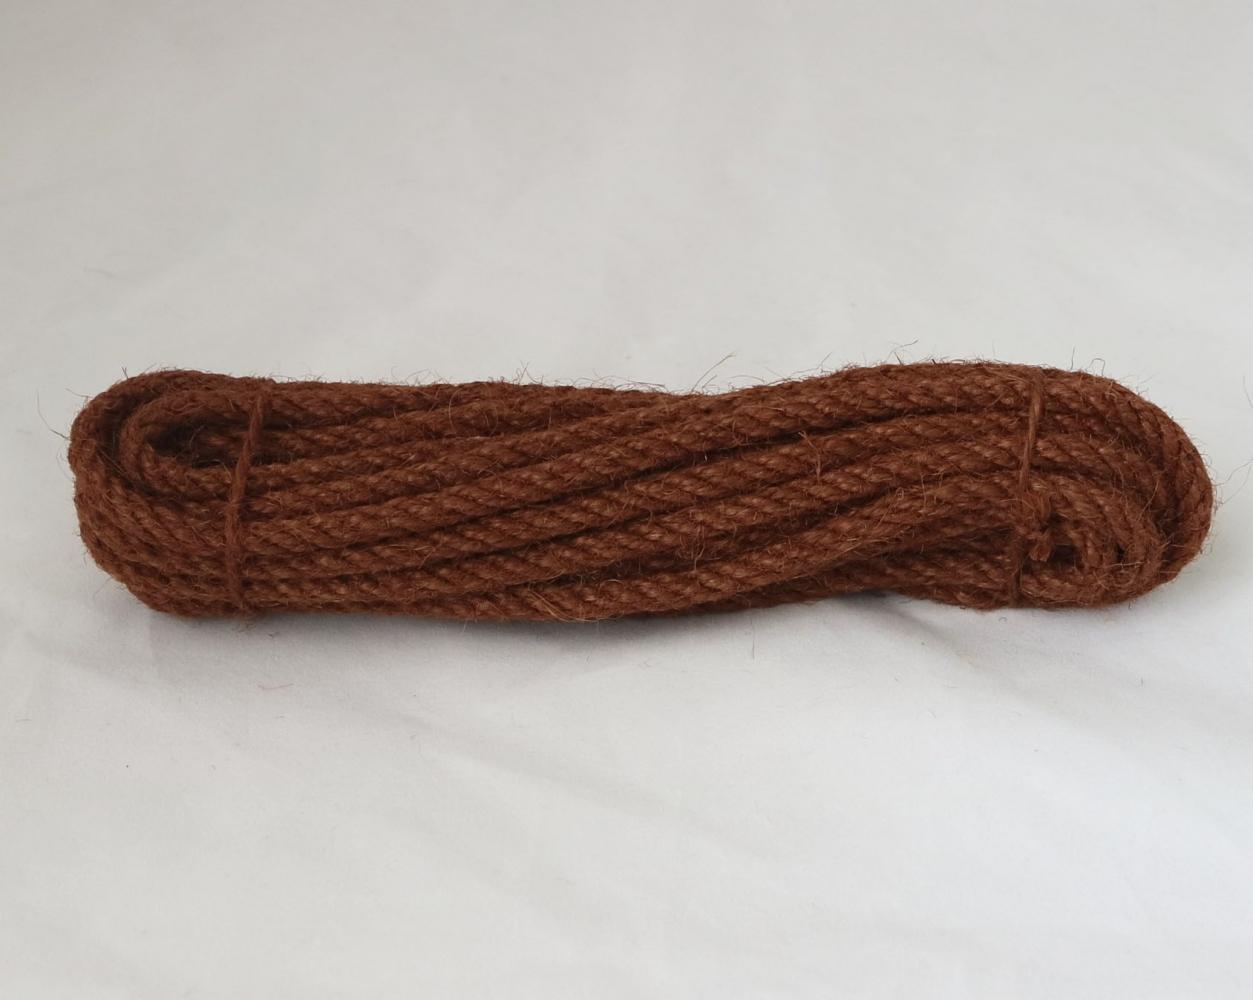 Канат джутовий коричневий Радосвіт, діаметр 6мм, моток 5 метрів - 1